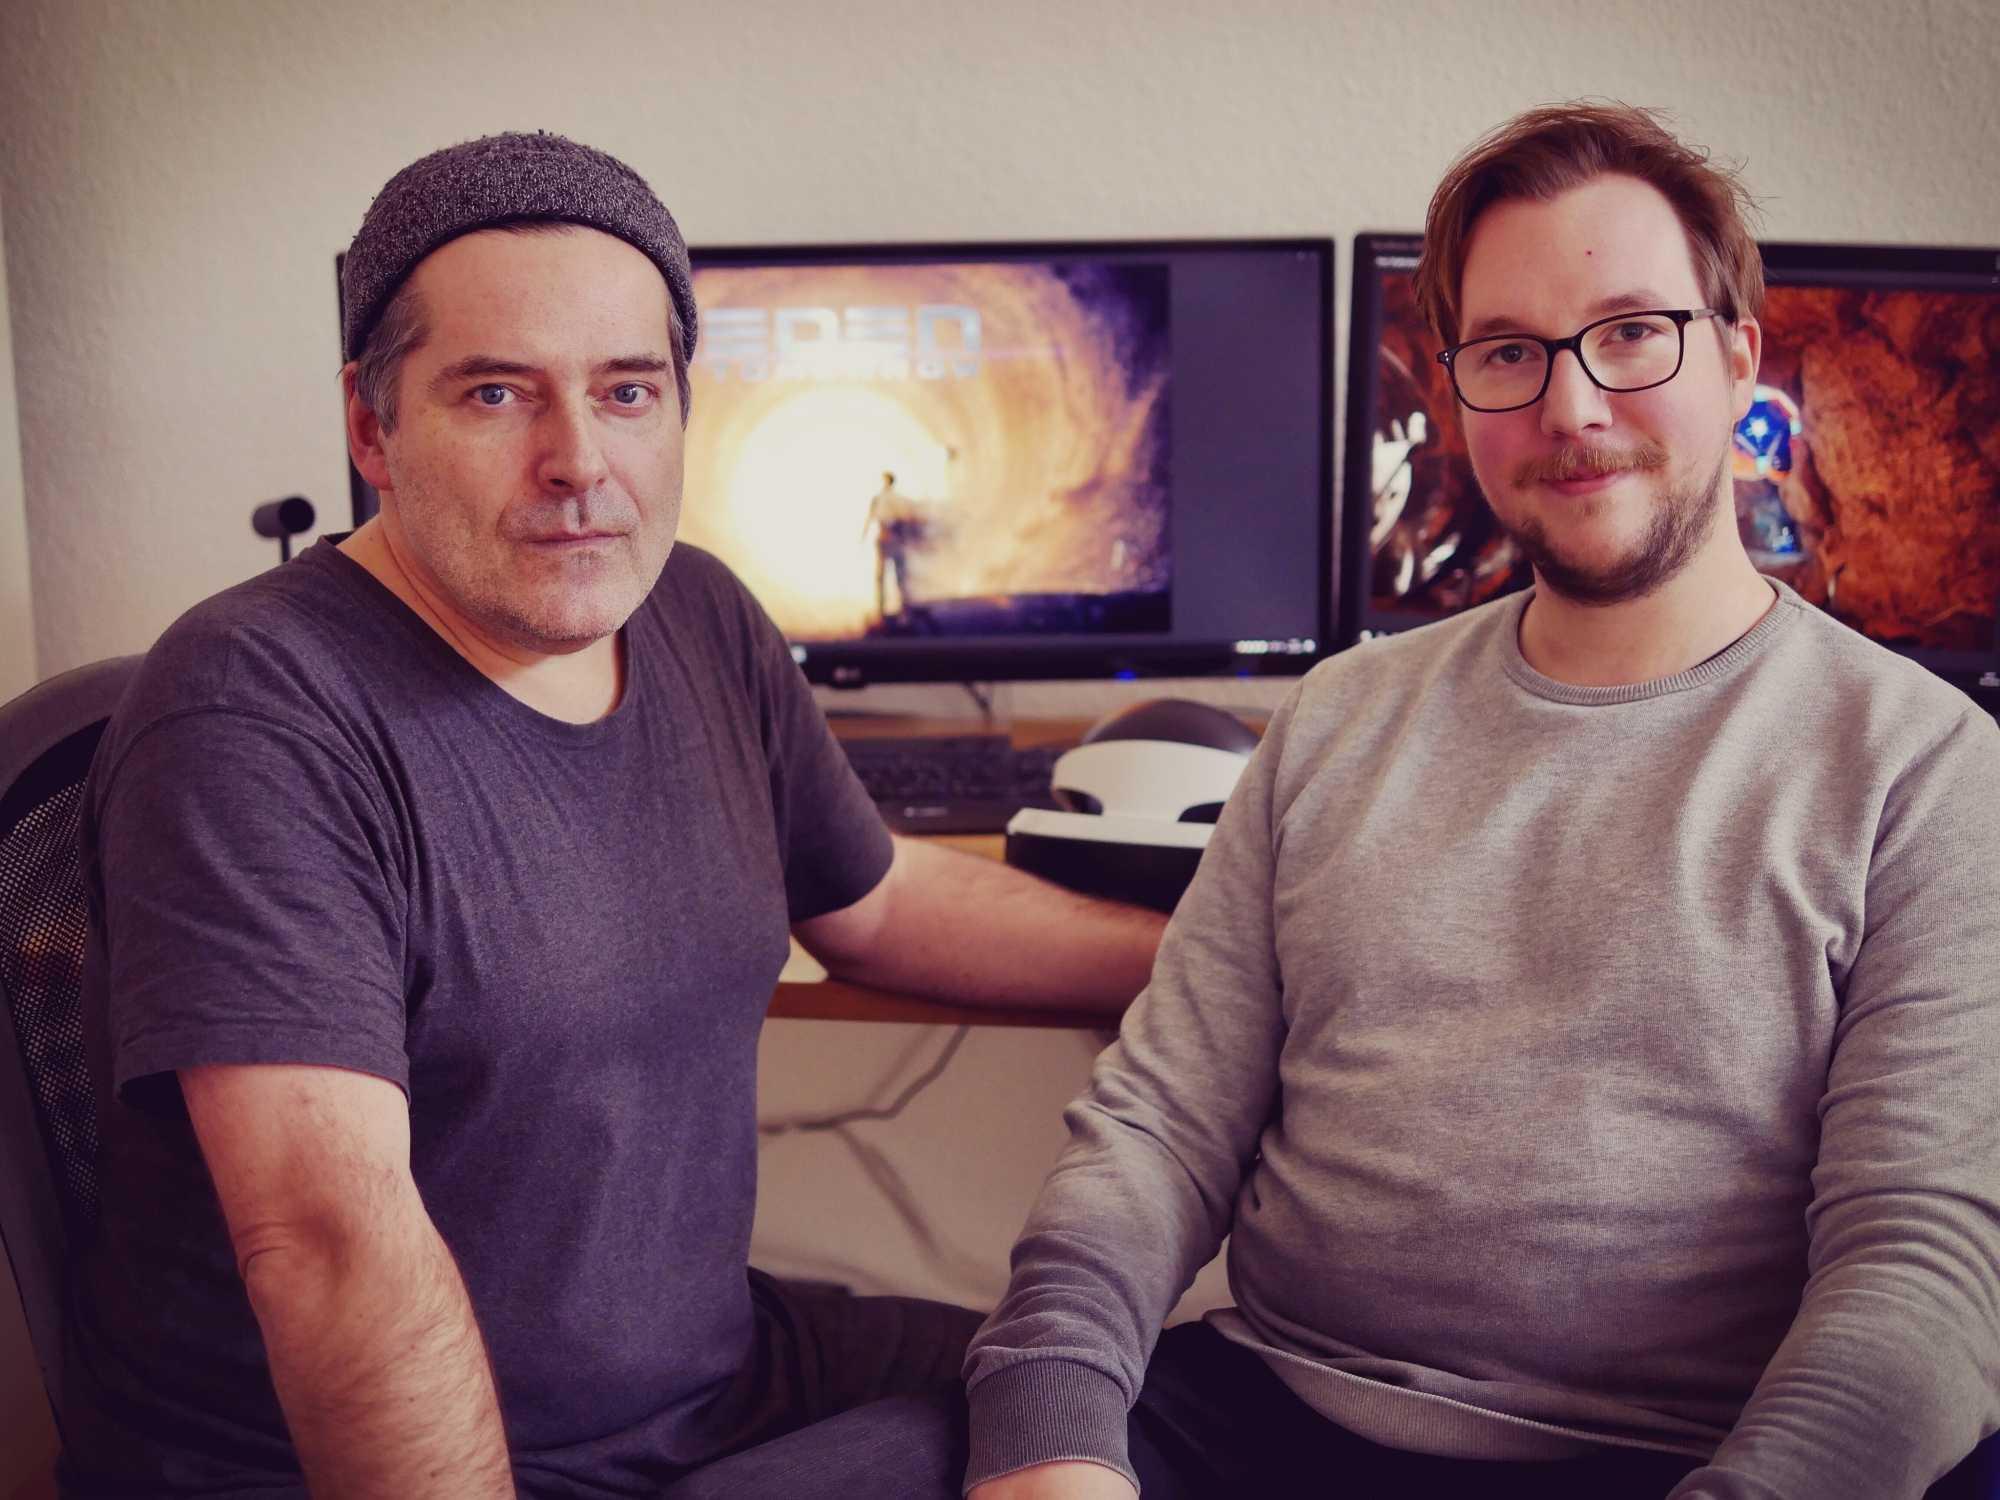 Eden-Chefentwickler Frank Sennholz (links, hier mit Lead-3D-Artist Nils Dechenthin) diente als Vorlage für die Hauptfigur des Spiels.